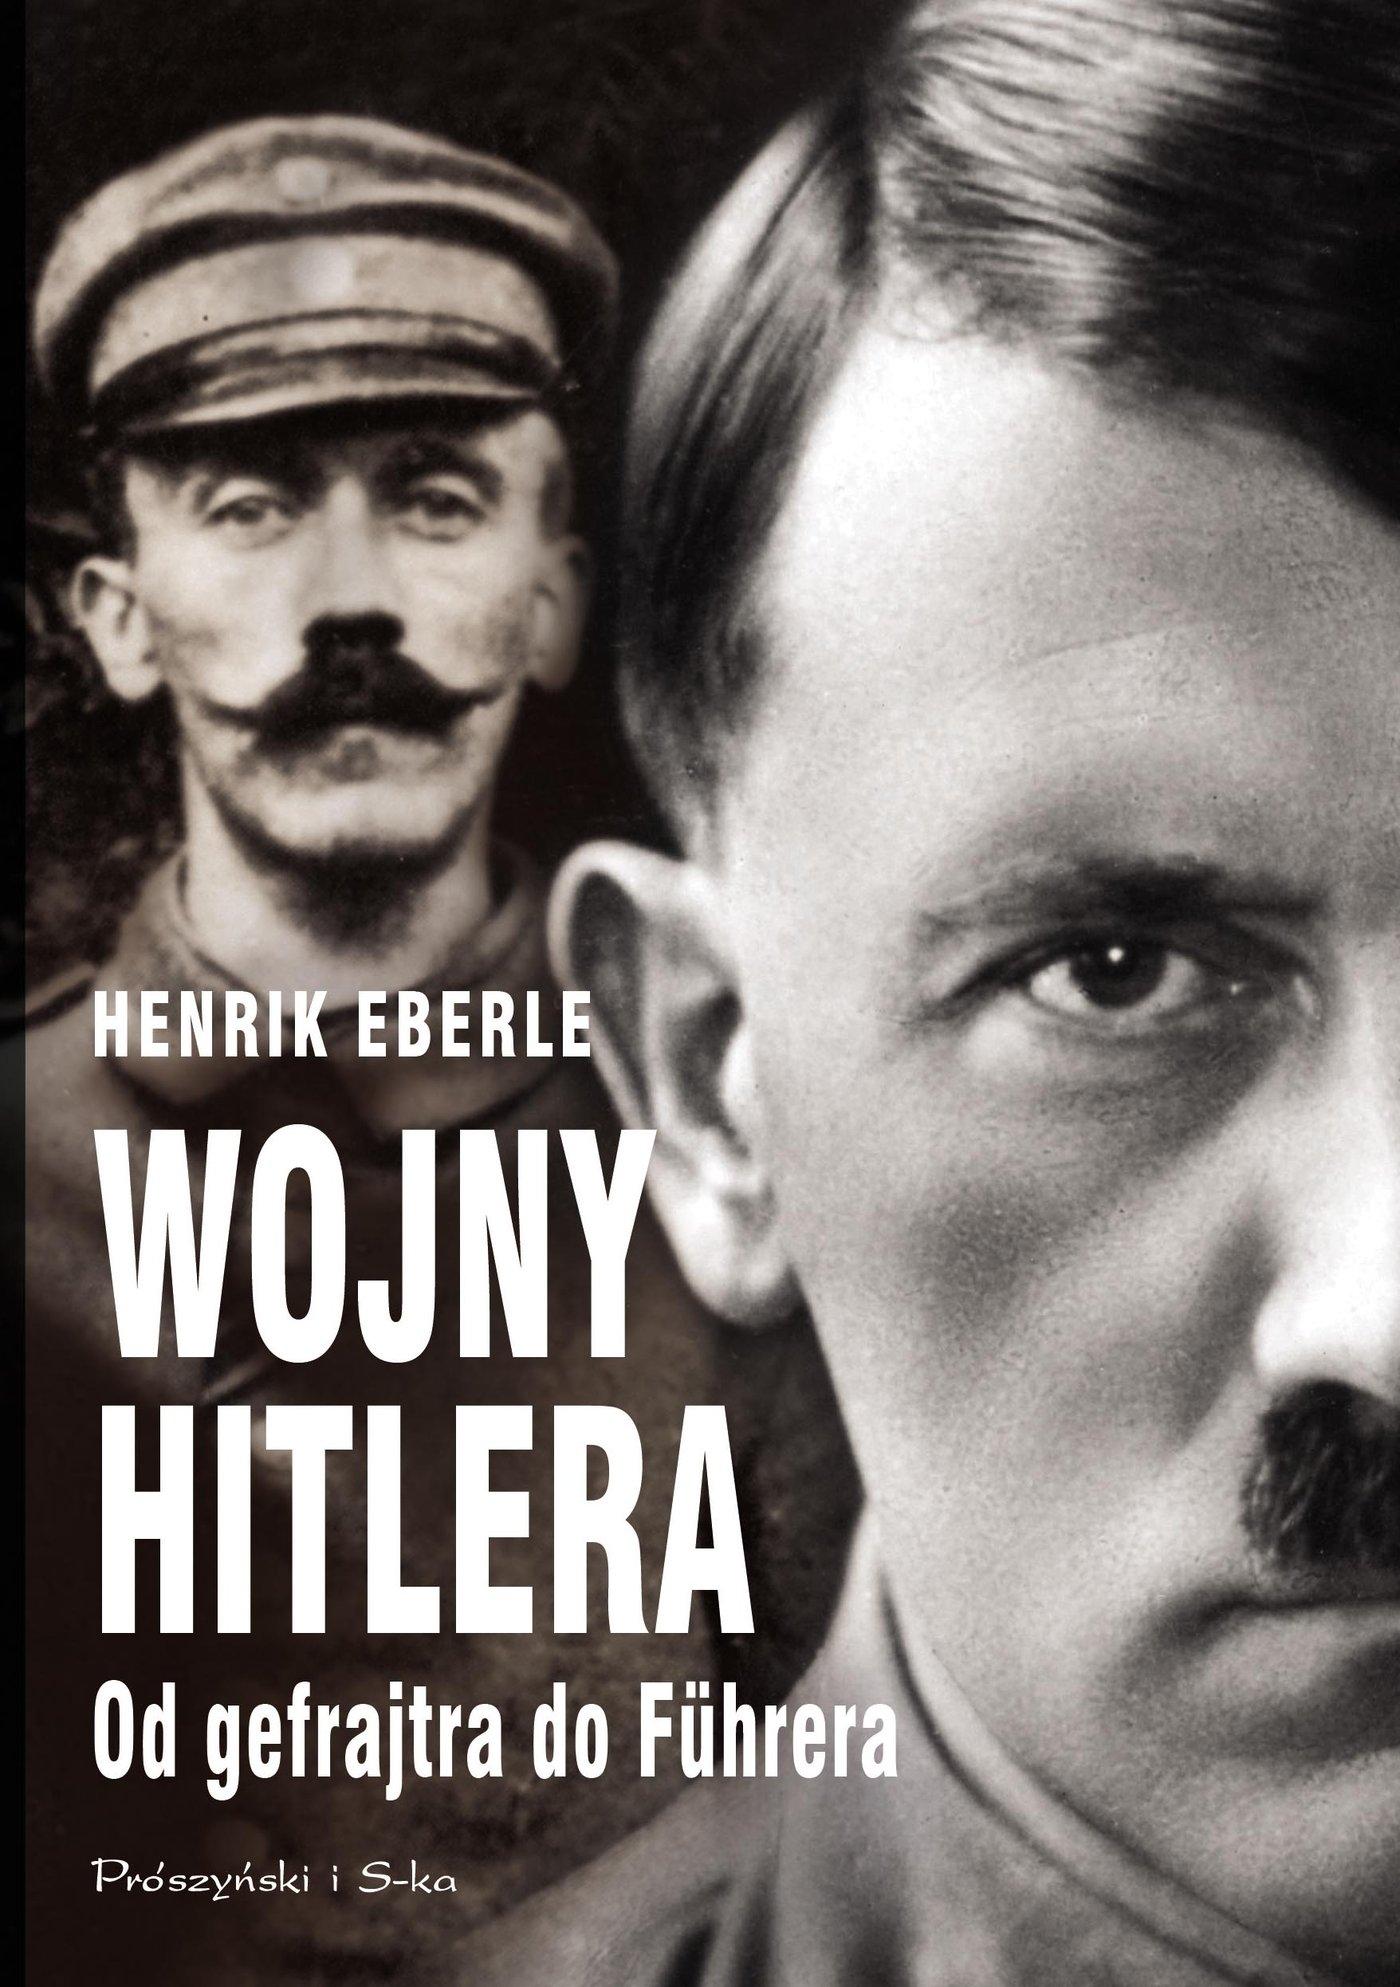 Wojny Hitlera - Ebook (Książka EPUB) do pobrania w formacie EPUB